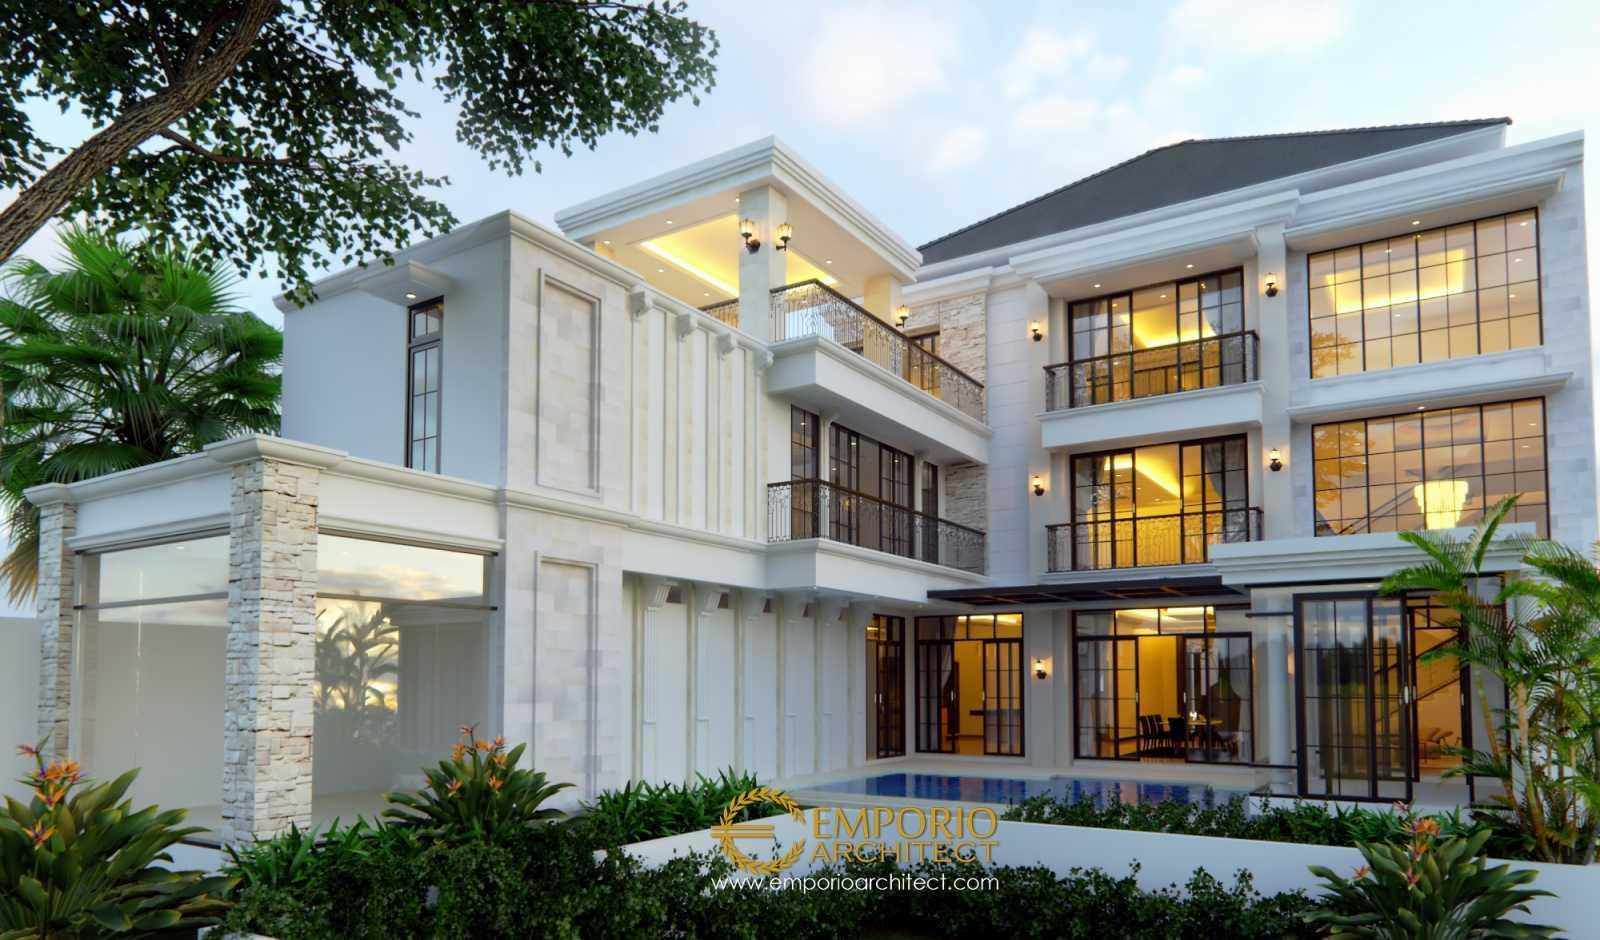 Emporio Architect Jasa Arsitek Jakarta Desain Rumah Classic Tropis 440 @ Jakarta Jakarta, Daerah Khusus Ibukota Jakarta, Indonesia Jakarta, Daerah Khusus Ibukota Jakarta, Indonesia Emporio-Architect-Jasa-Arsitek-Jakarta-Desain-Rumah-Classic-Tropis-440-Jakarta  79772